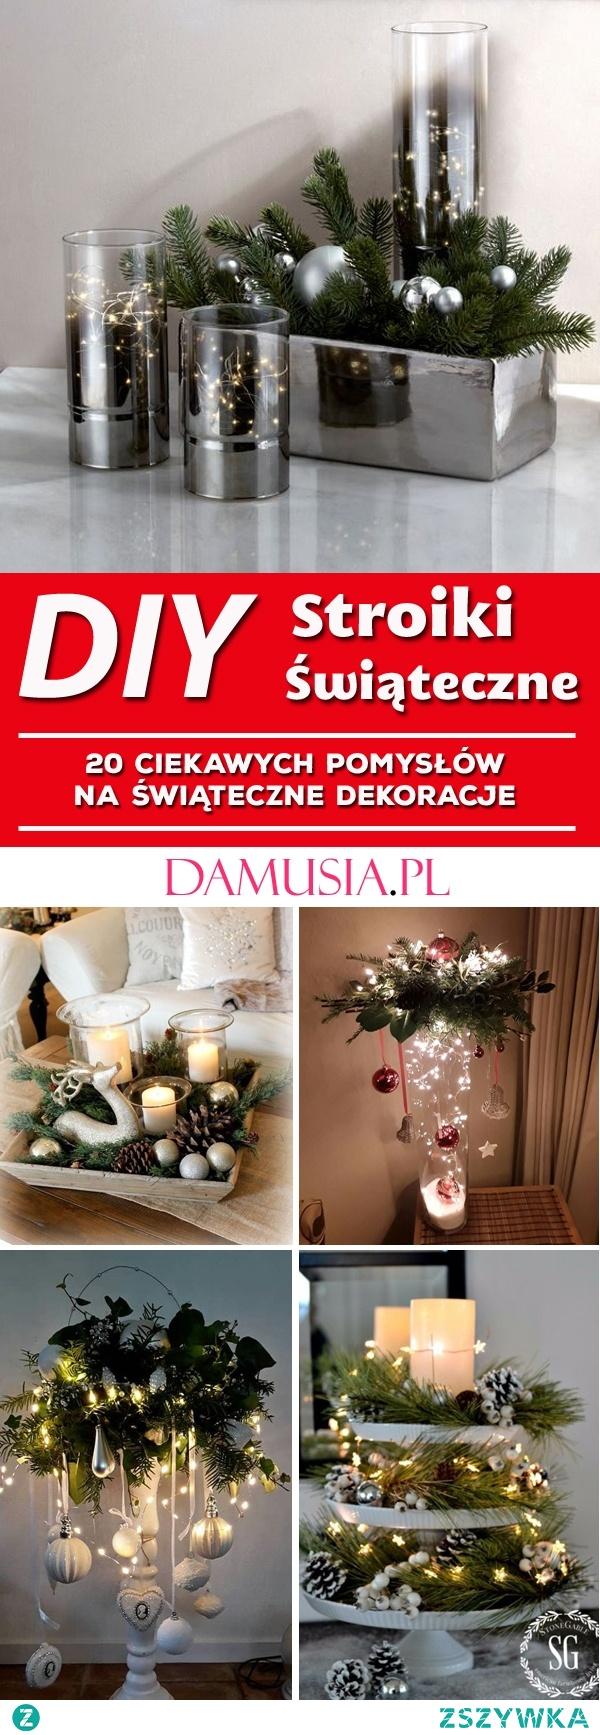 Świąteczne Stroiki DIY Do Twojego Domu: 20 Ciekawych Pomysłów Na Świąteczne Dekoracje